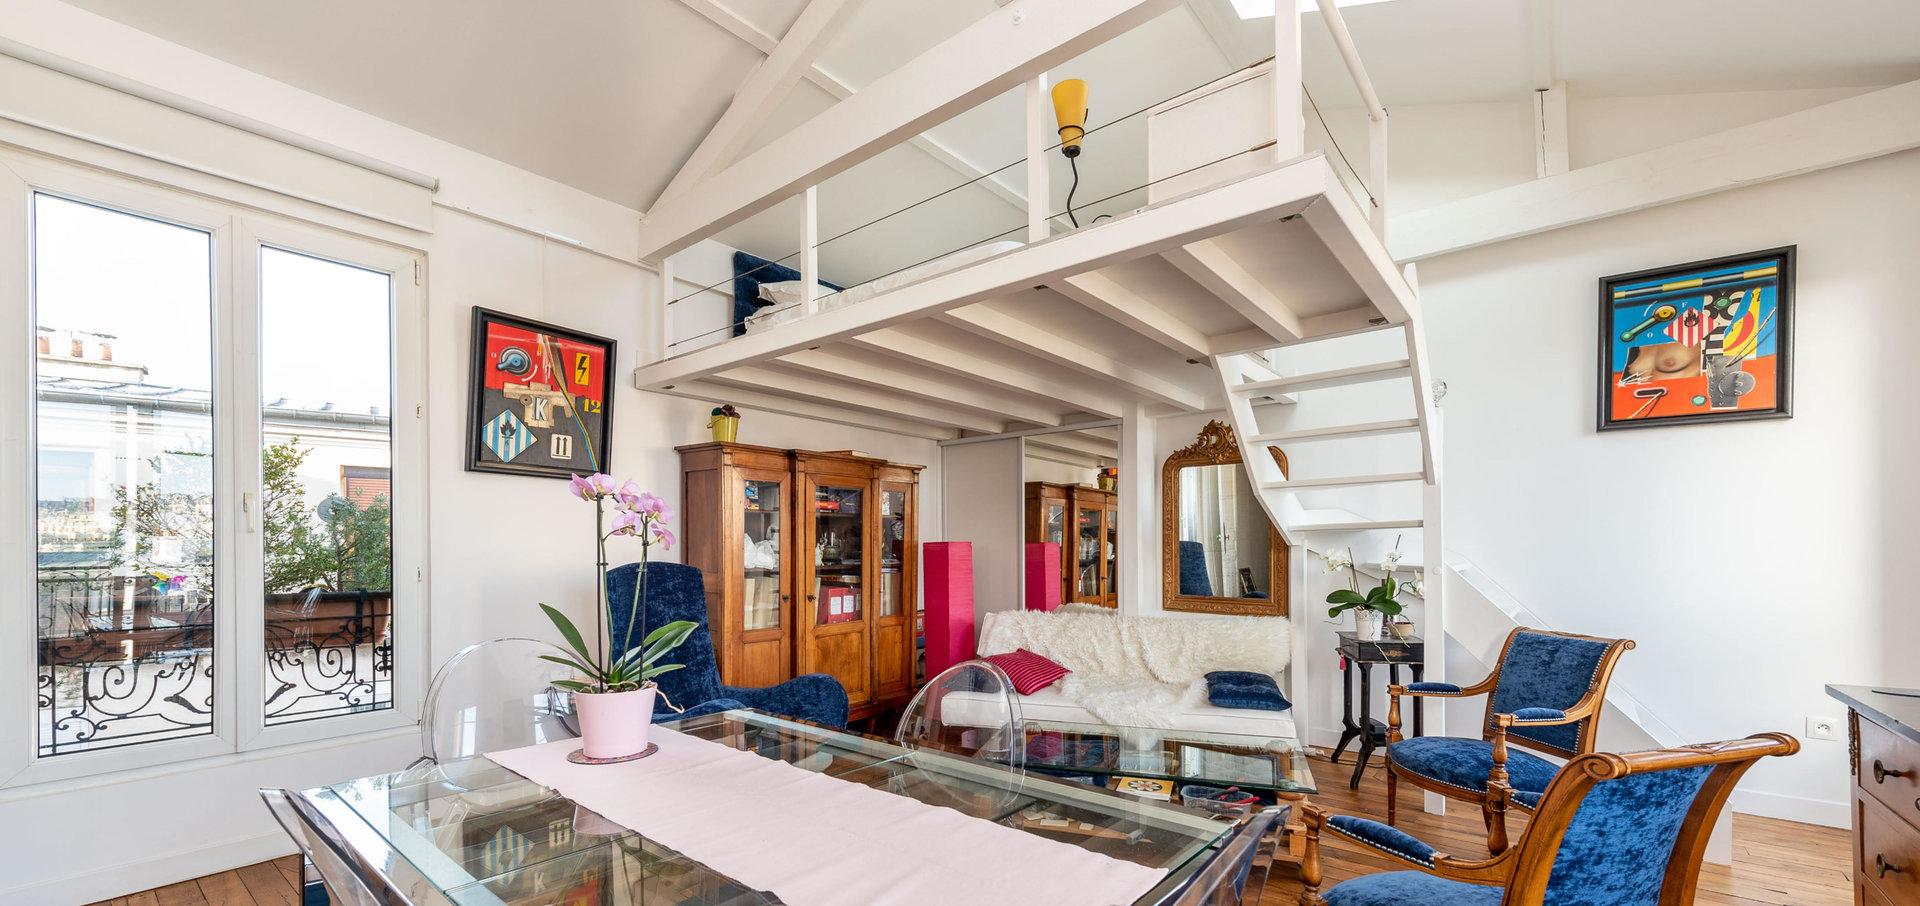 Vente Appartement - Paris 17ème Batignolles